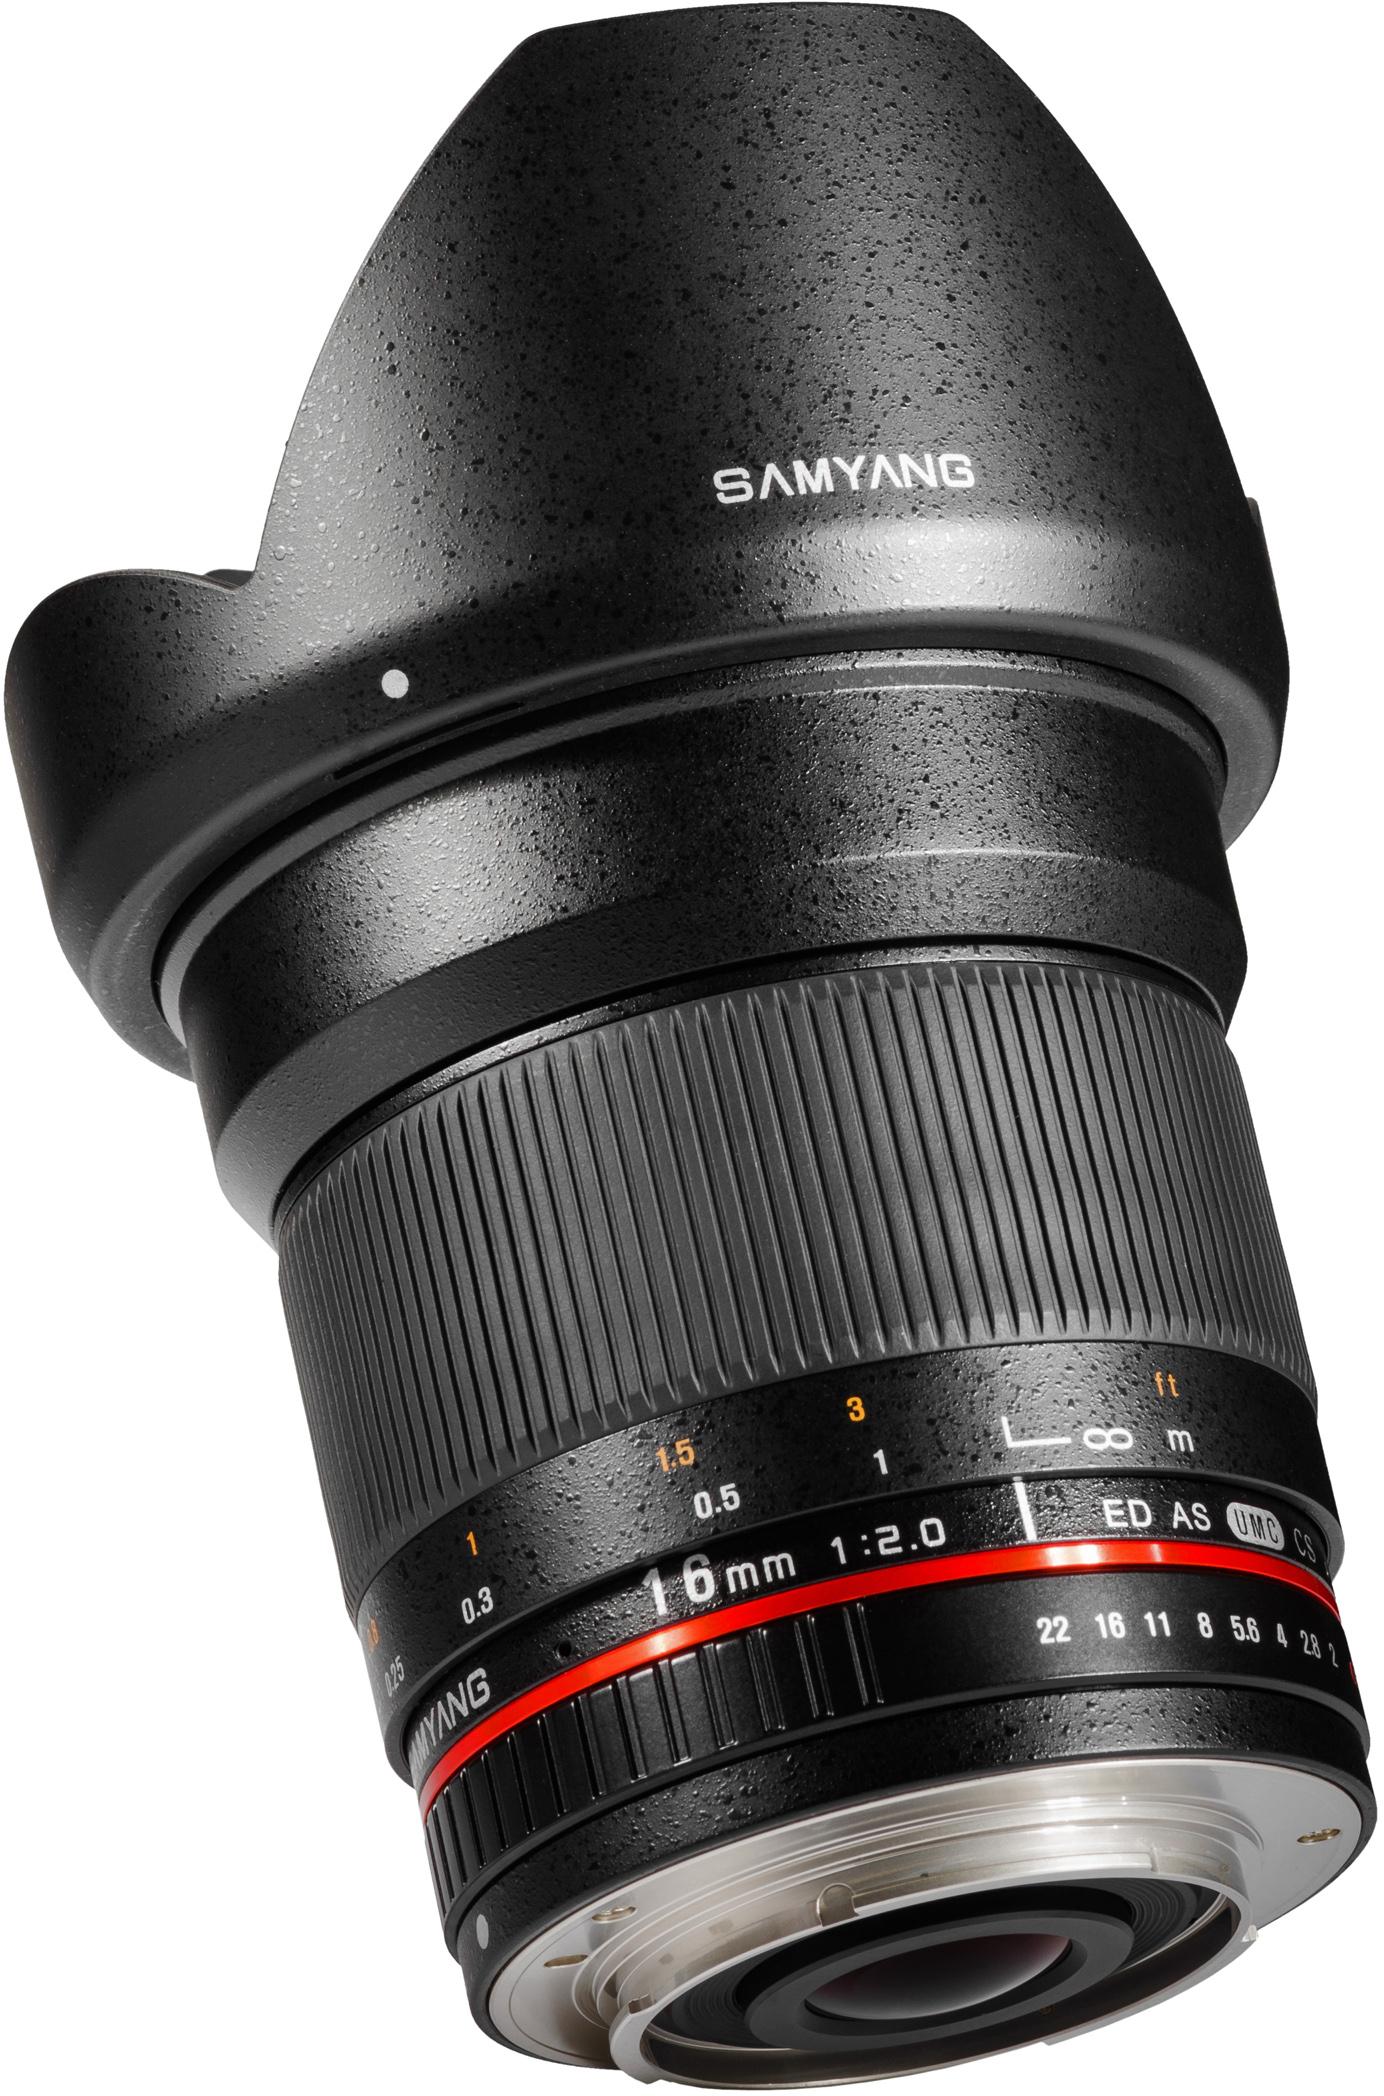 Samyang Optics 16mm f/2.0 Canon M objectief voor €249 @ Cameru.nu